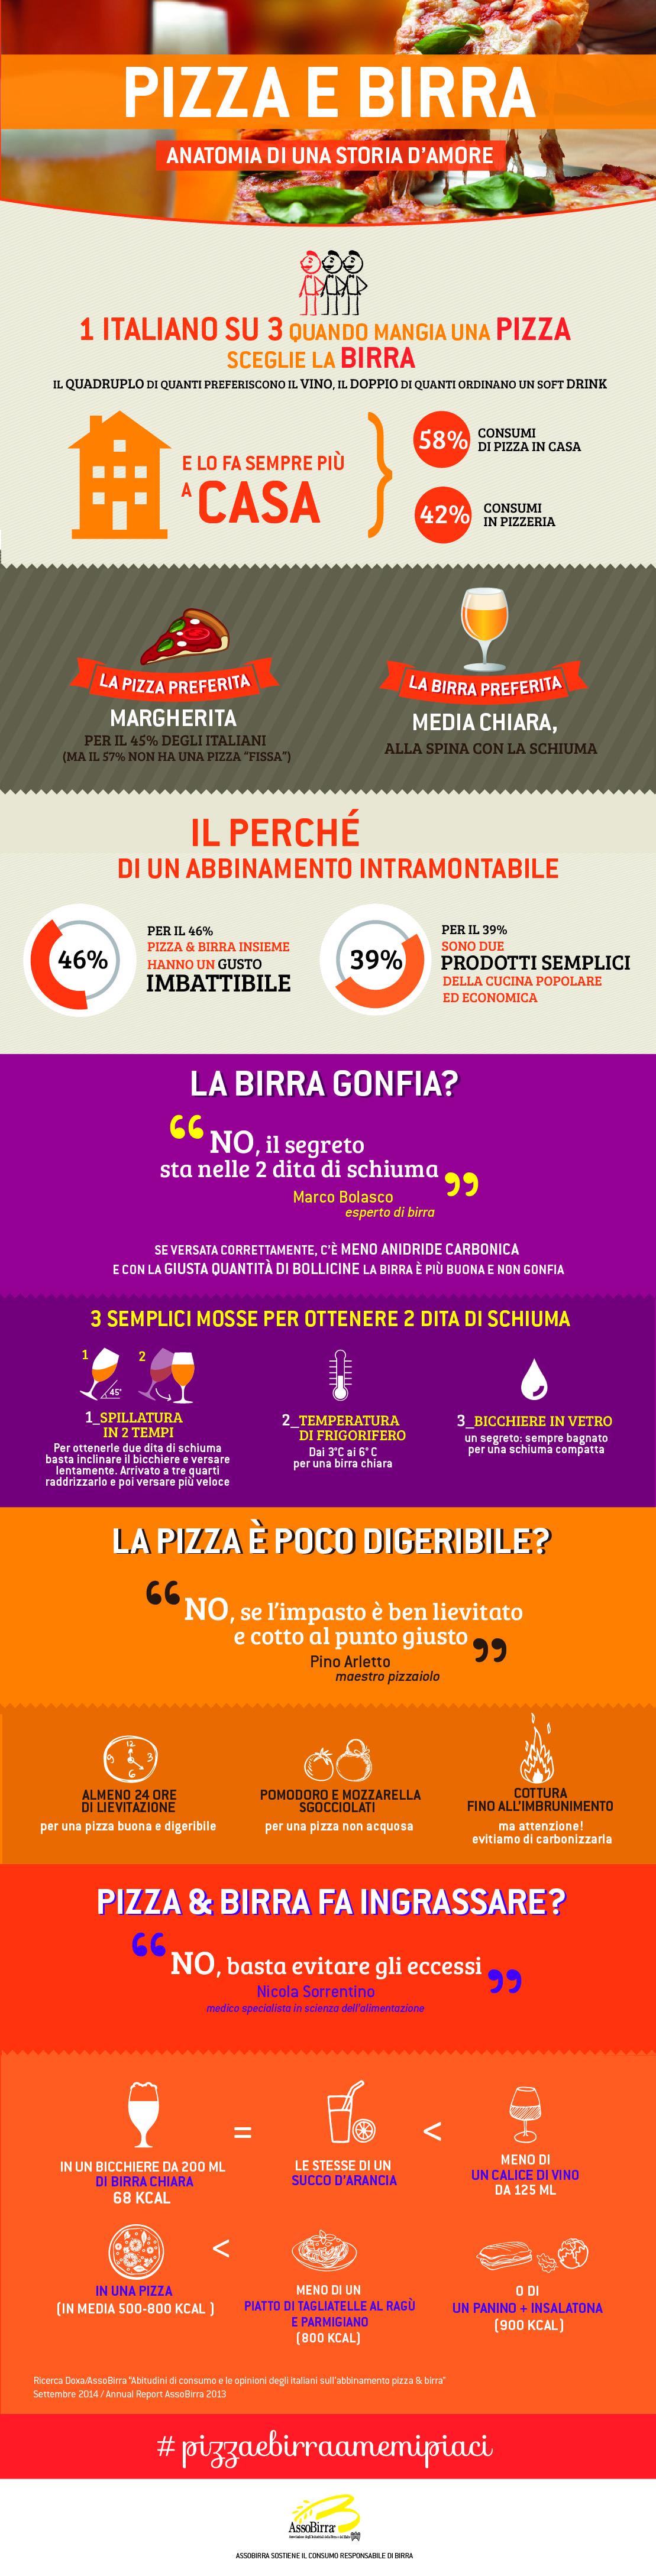 infografica_Pizza_e_Birra